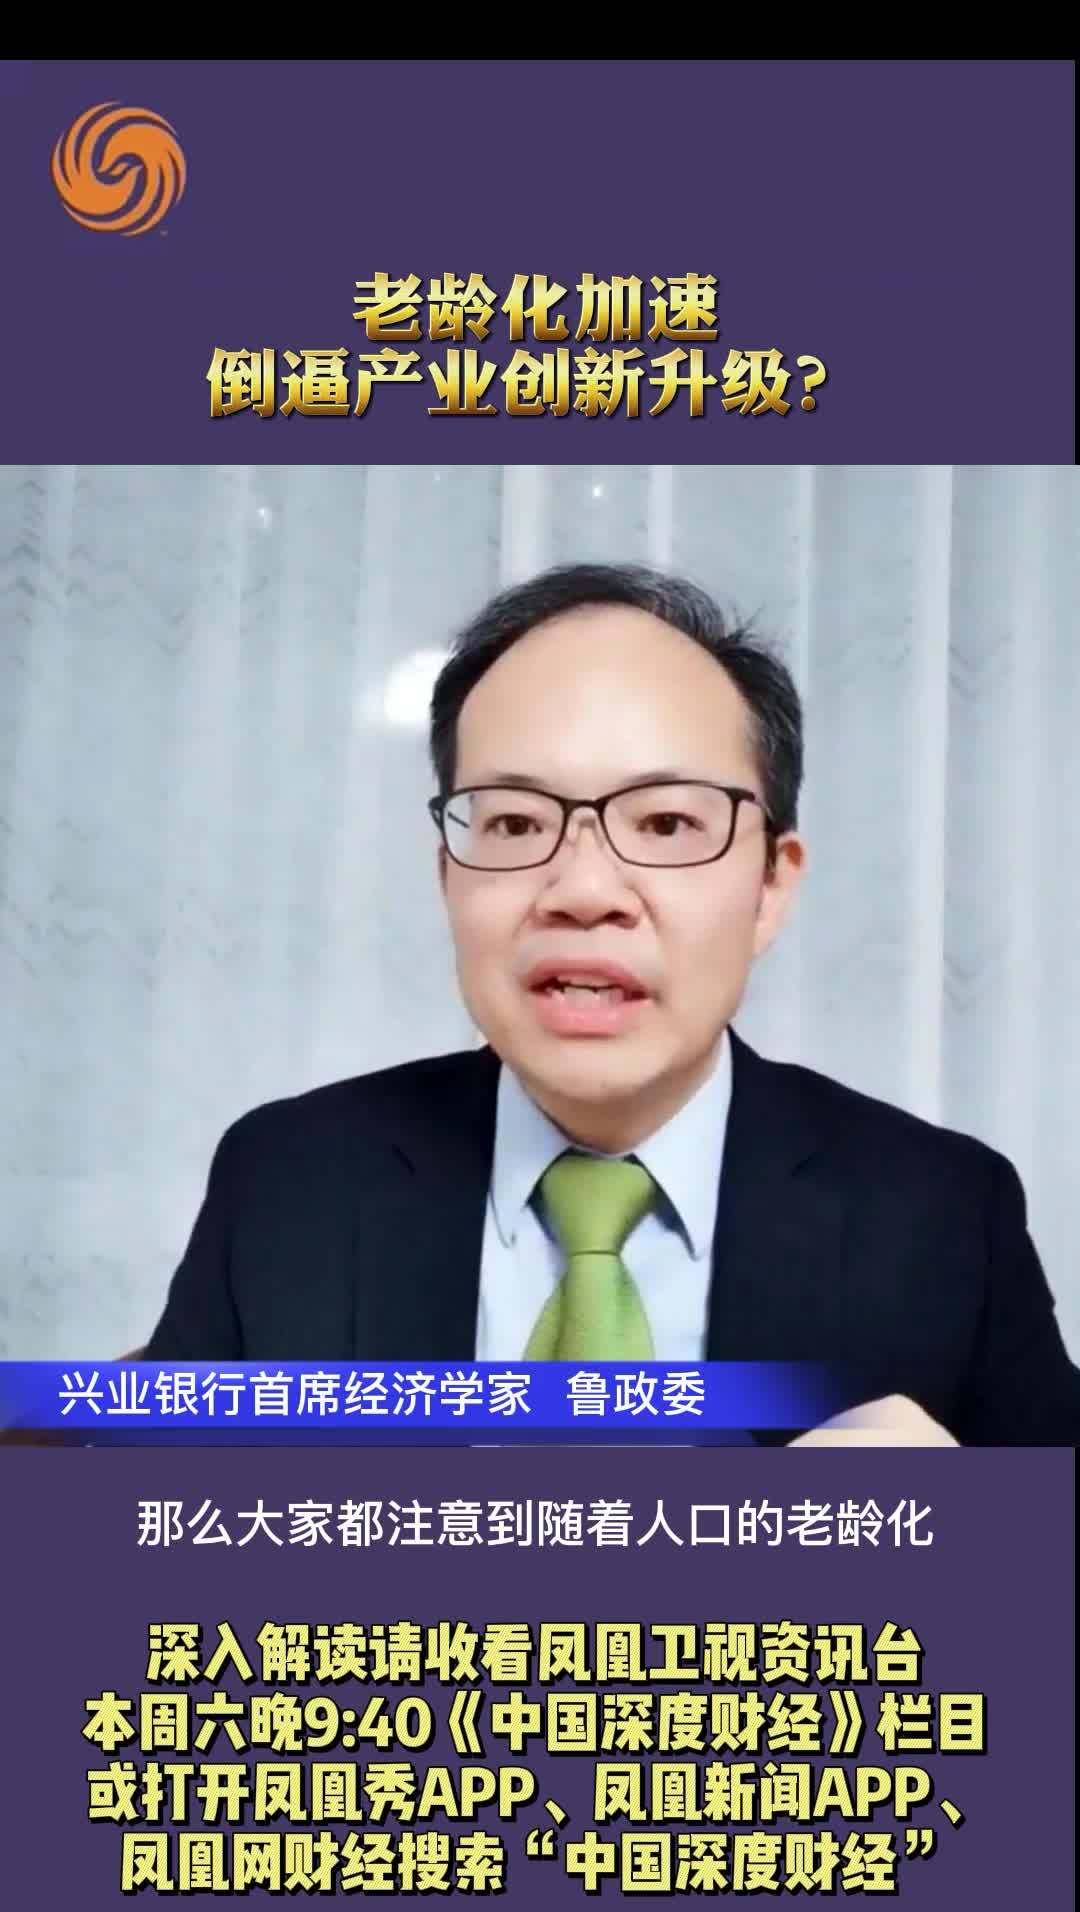 兴业银行首席经济学家鲁政委:老龄化加速倒逼产业创新升级?